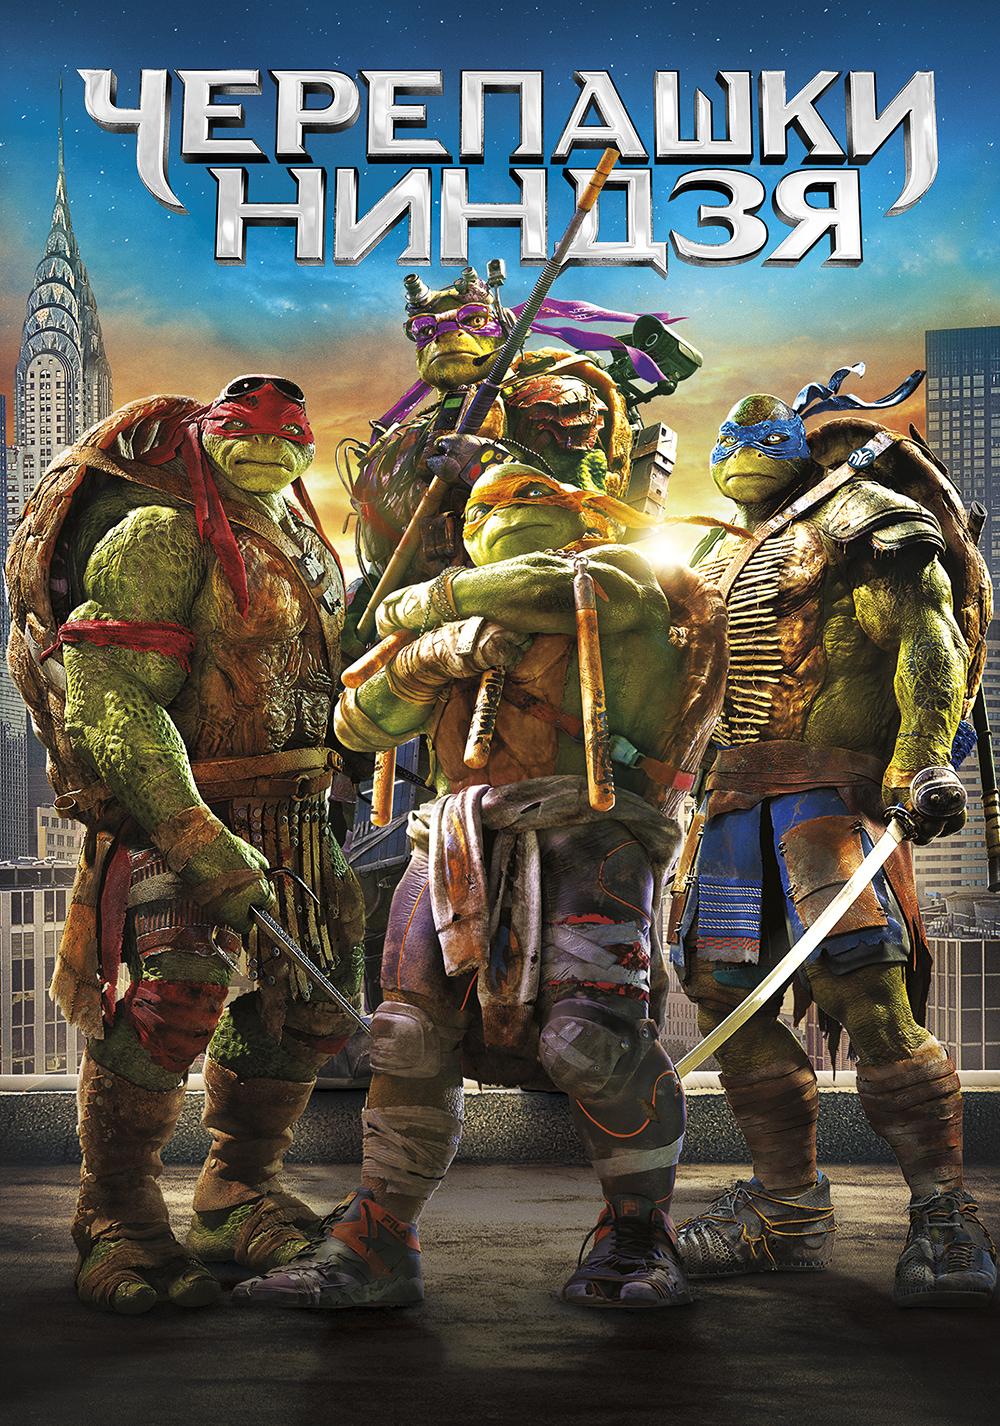 Mutant Ninja Turtles Film